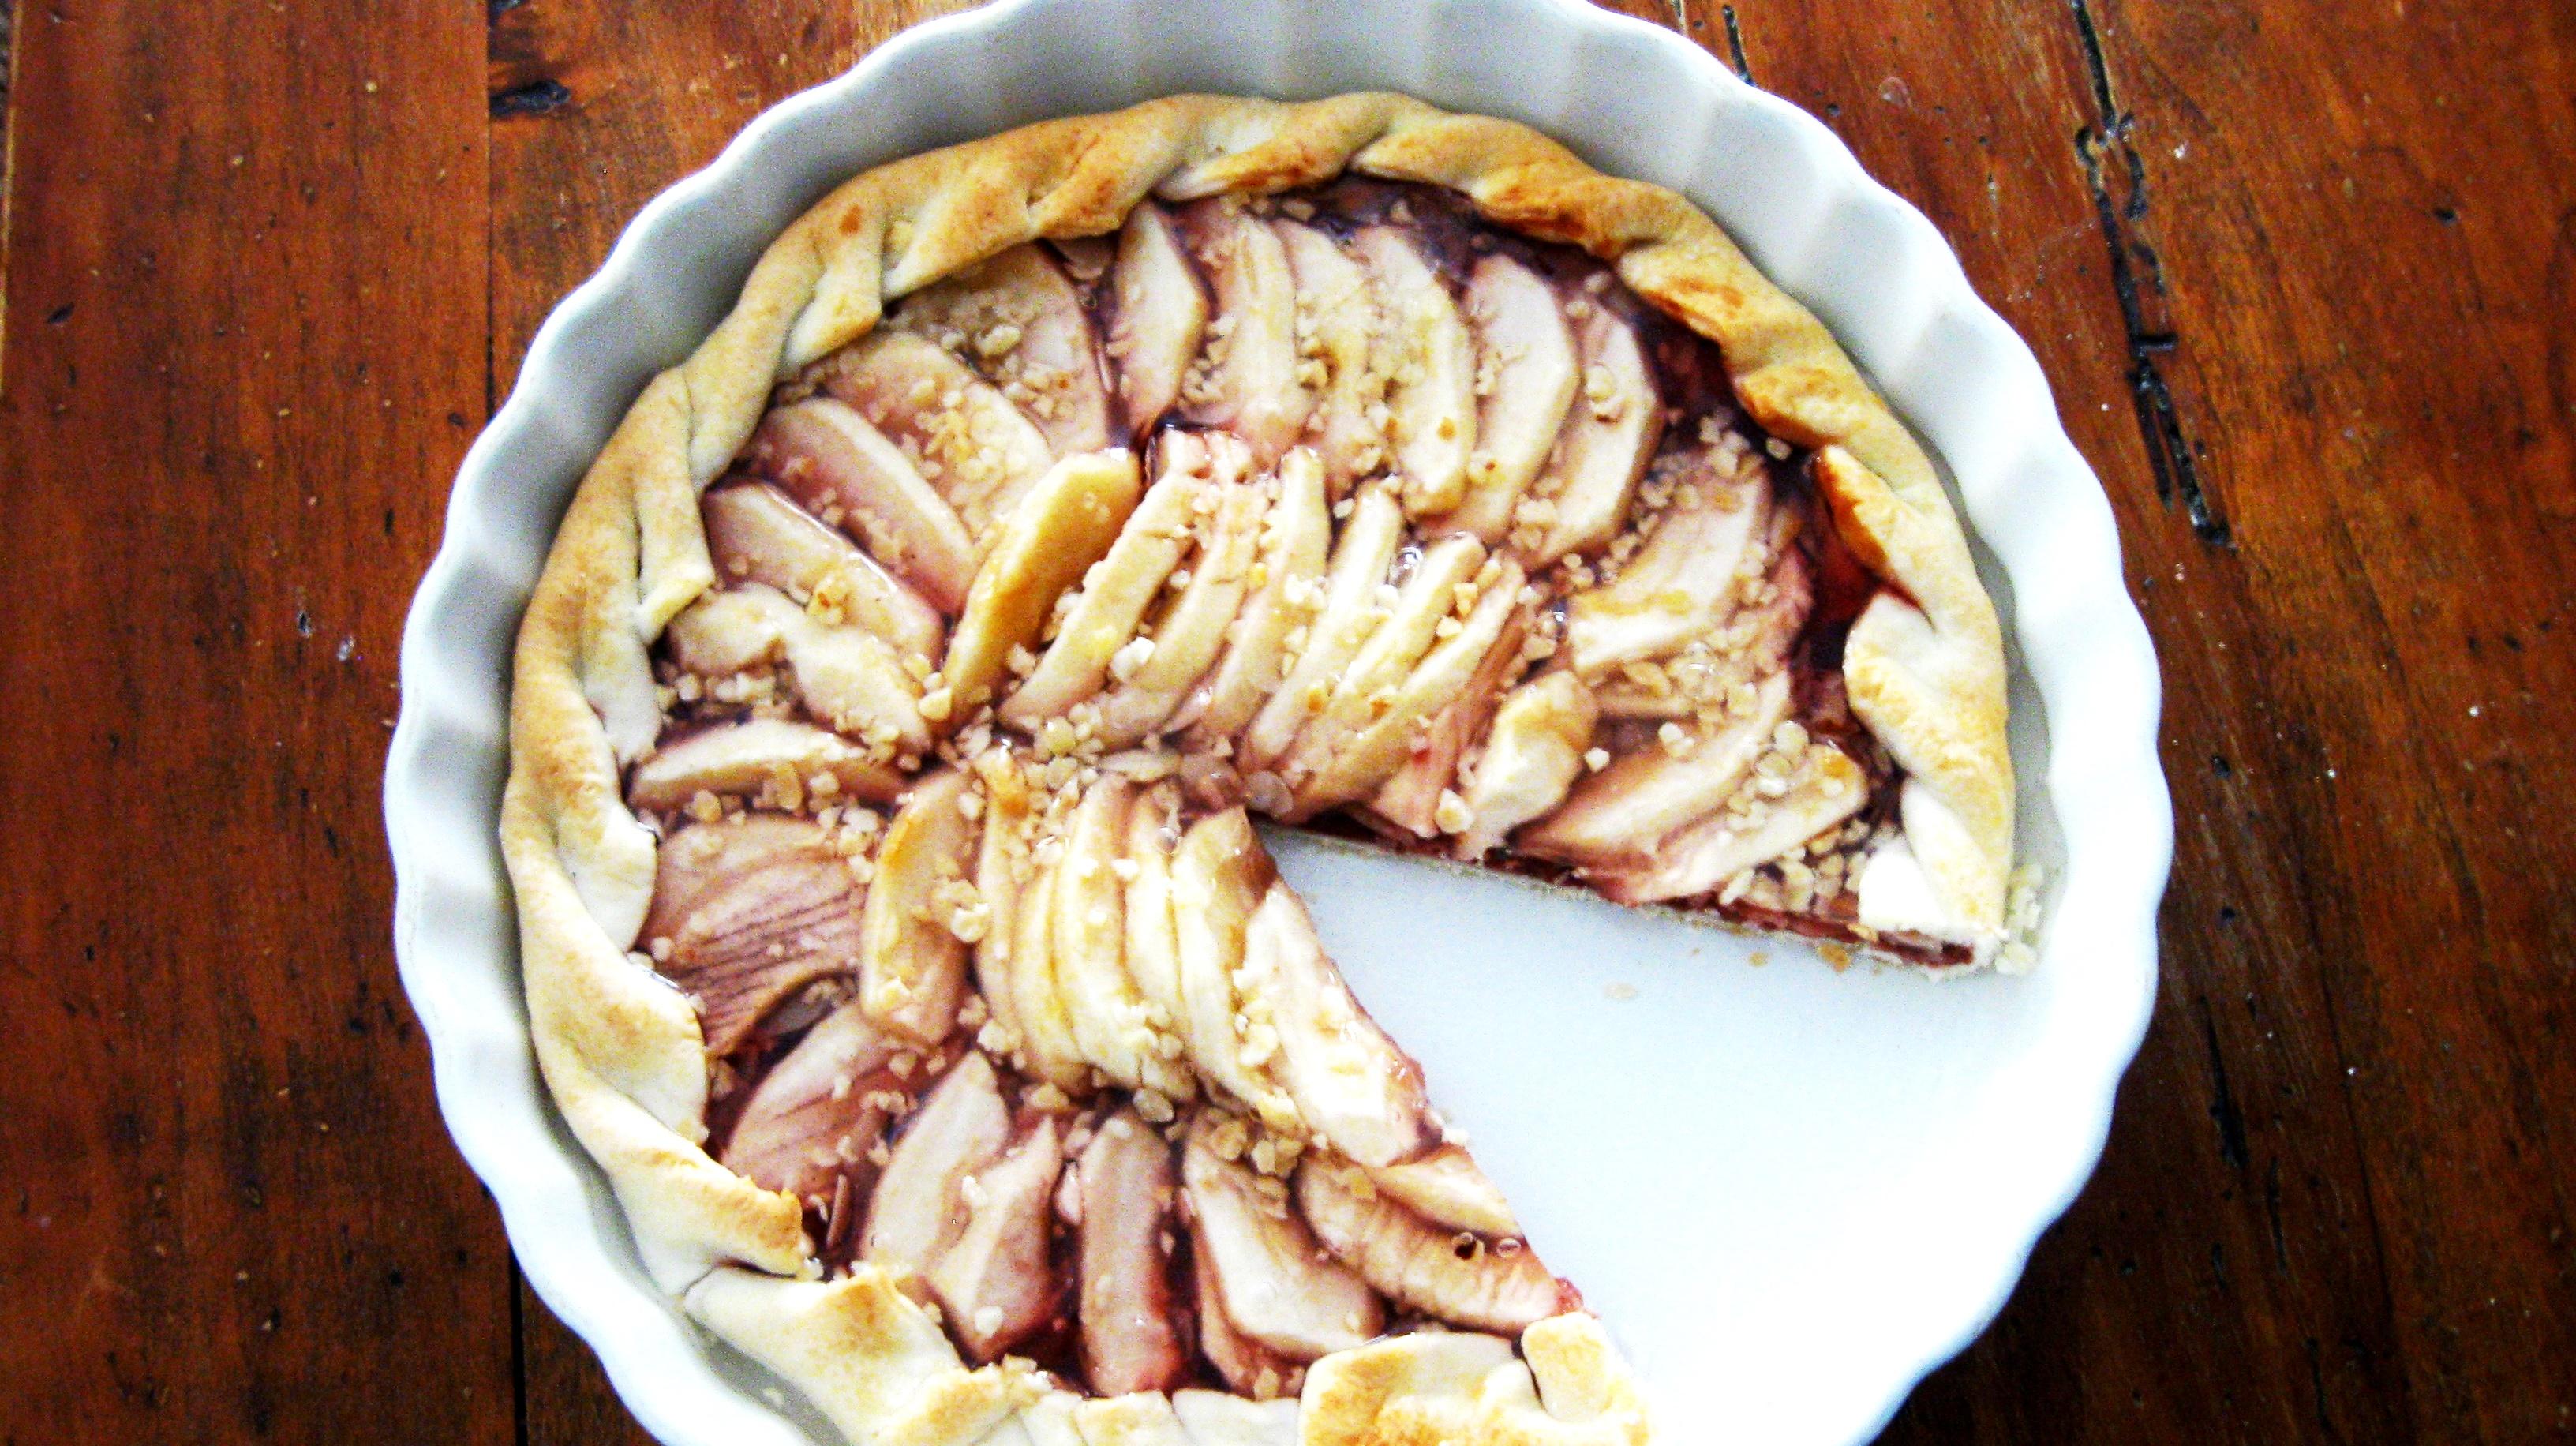 Torta briseè con marmelata homemade di ciliegie , mele renette , mandorle e top di gelatina